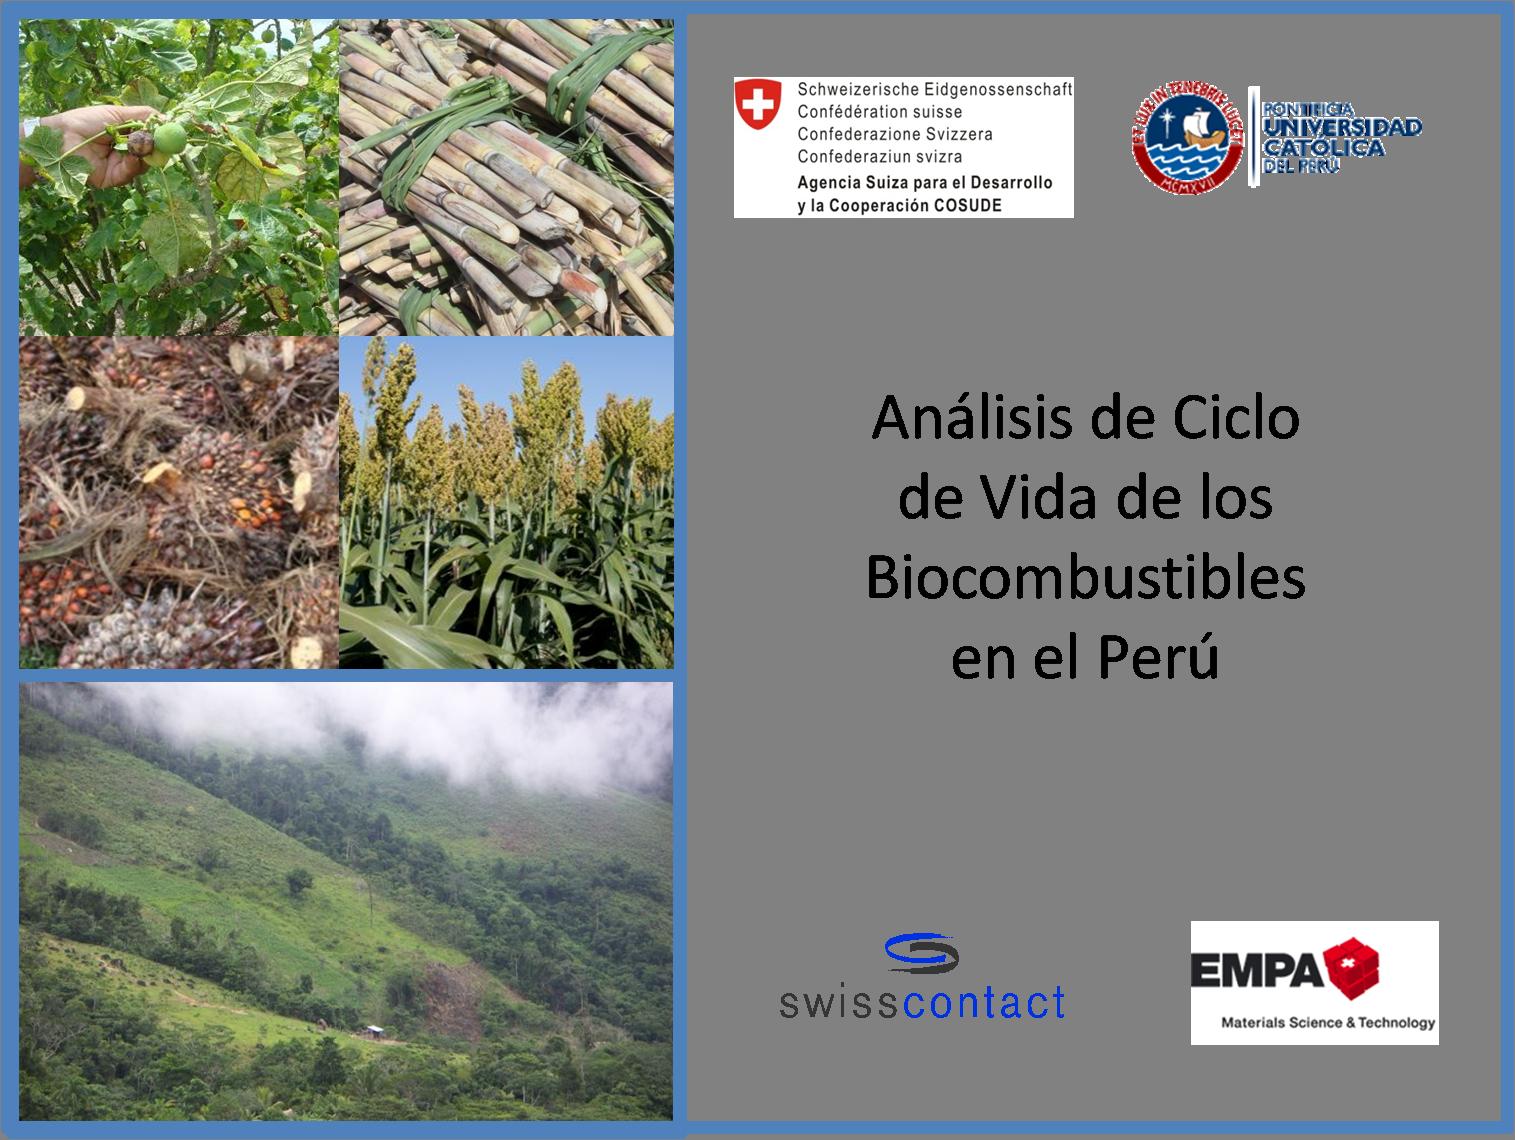 Análisis de ciclo de vida de los biocombustibles en Perú